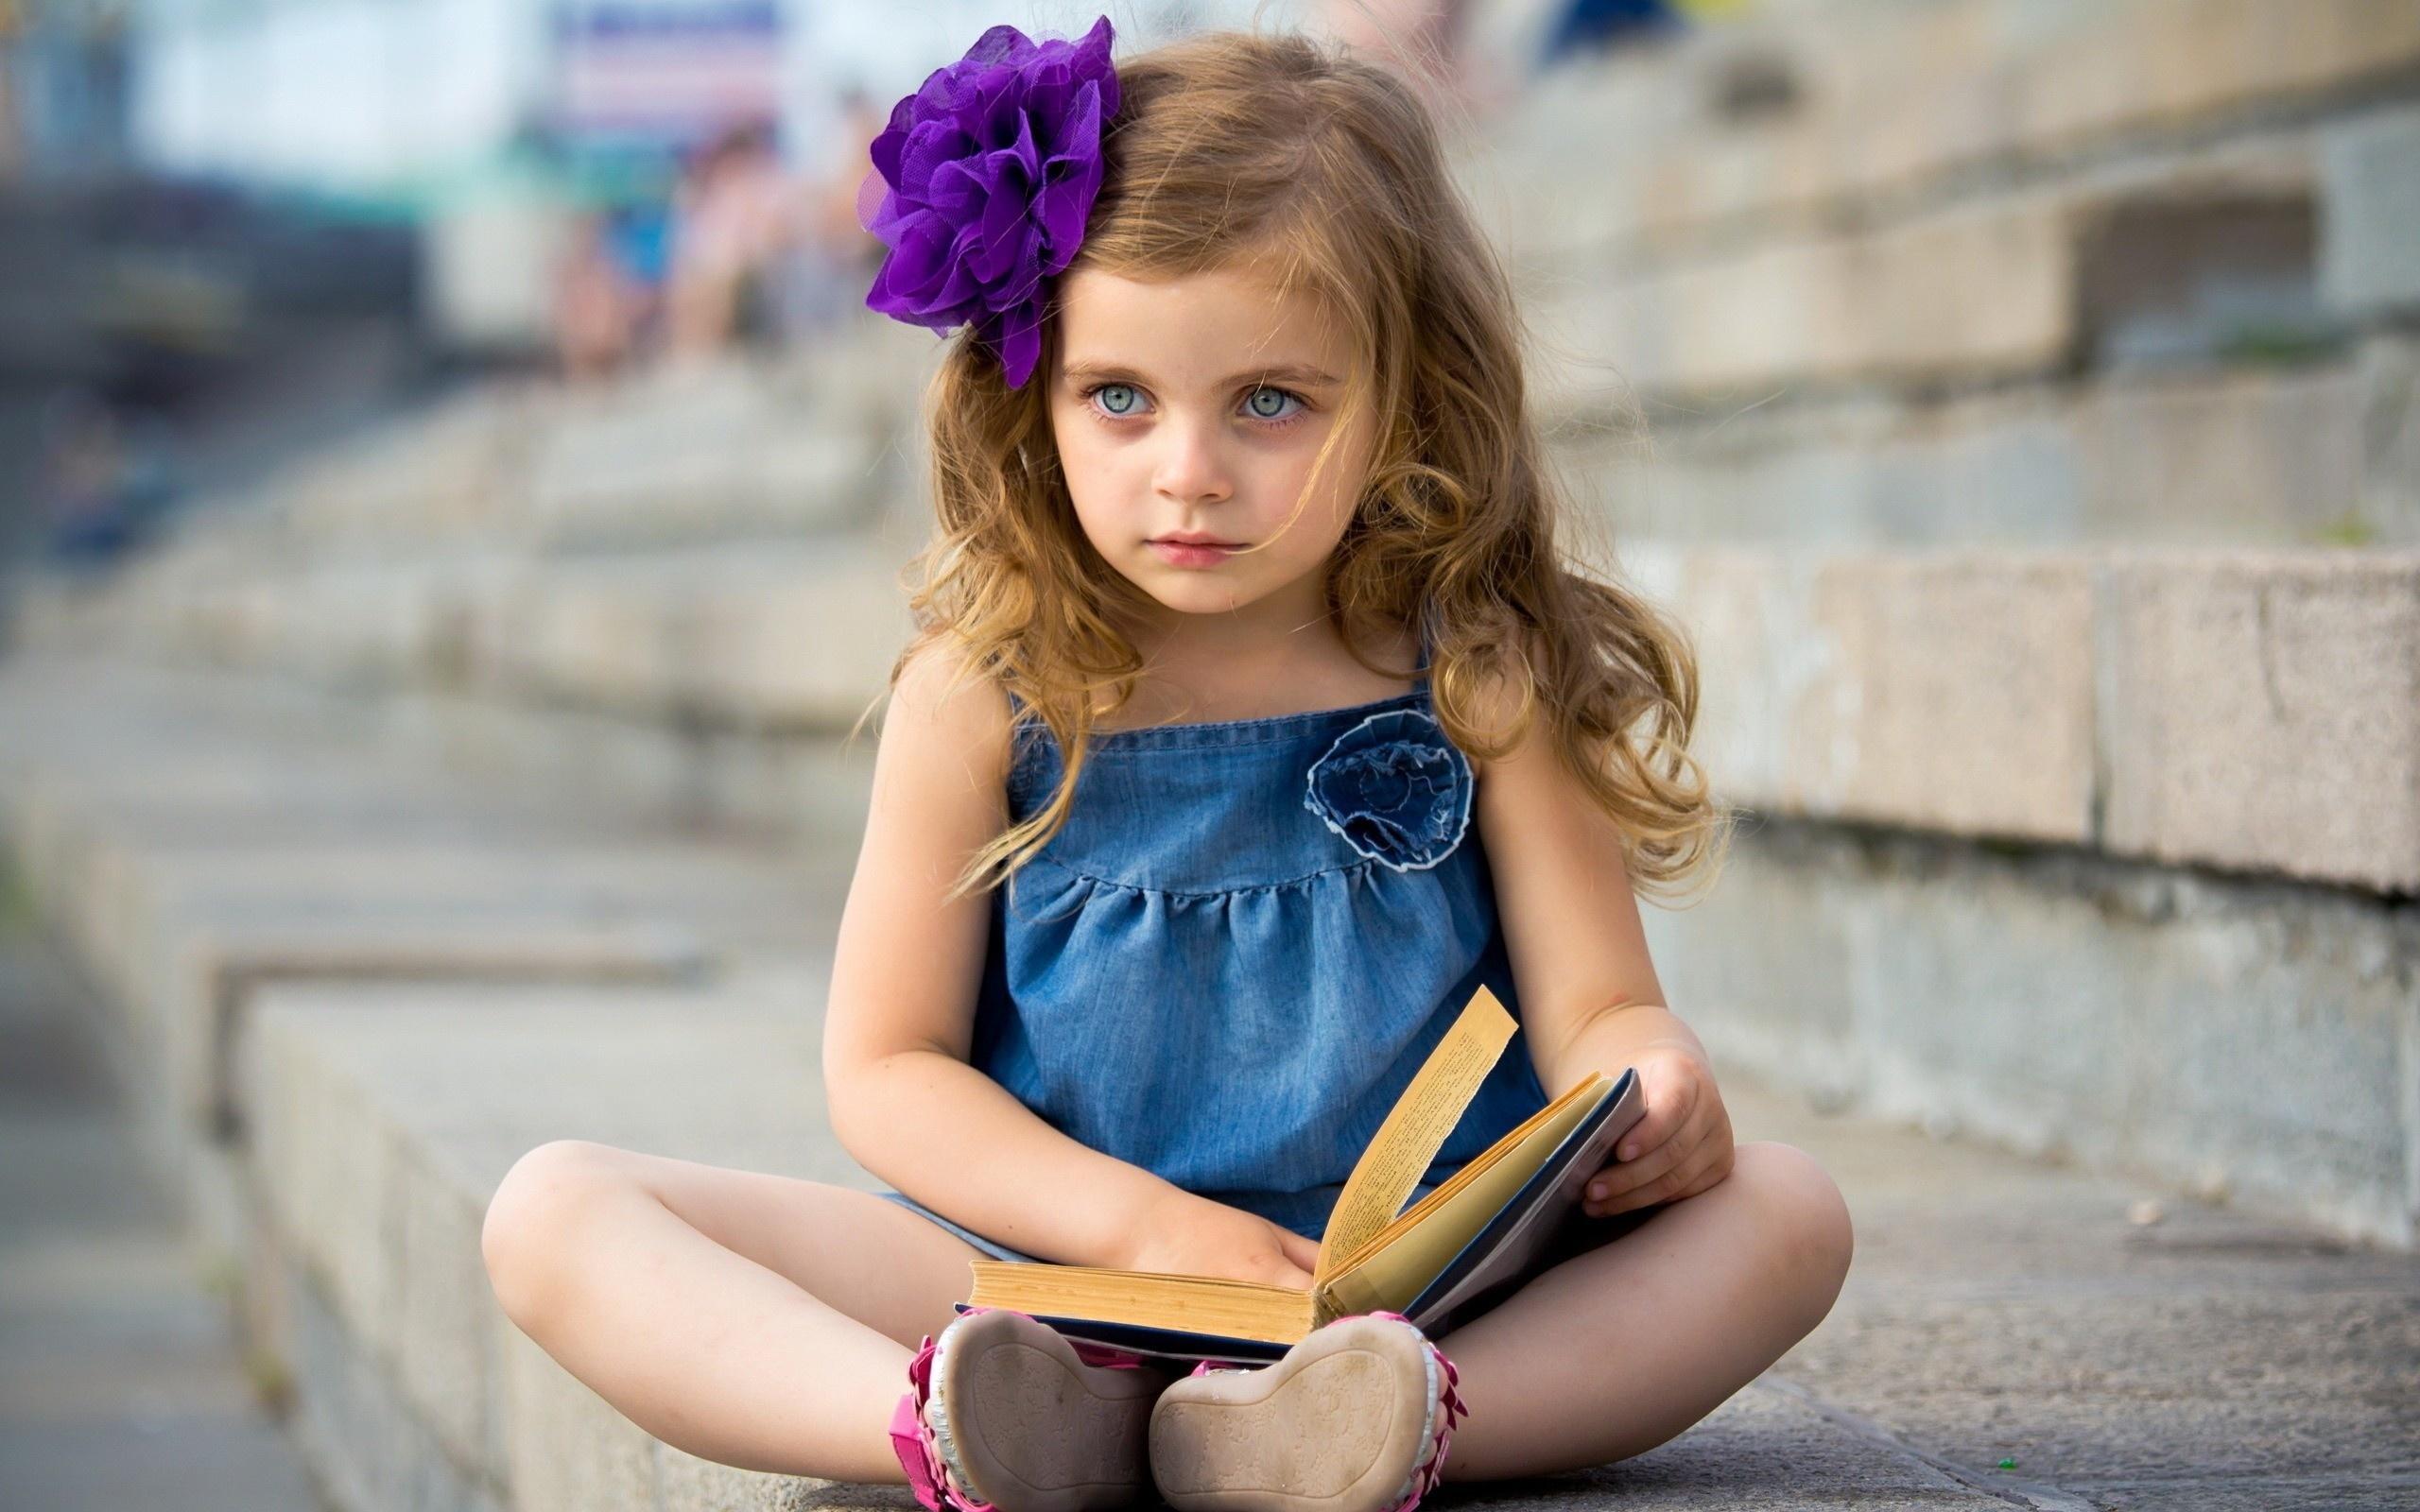 Девчушки красотушки картинки оставила